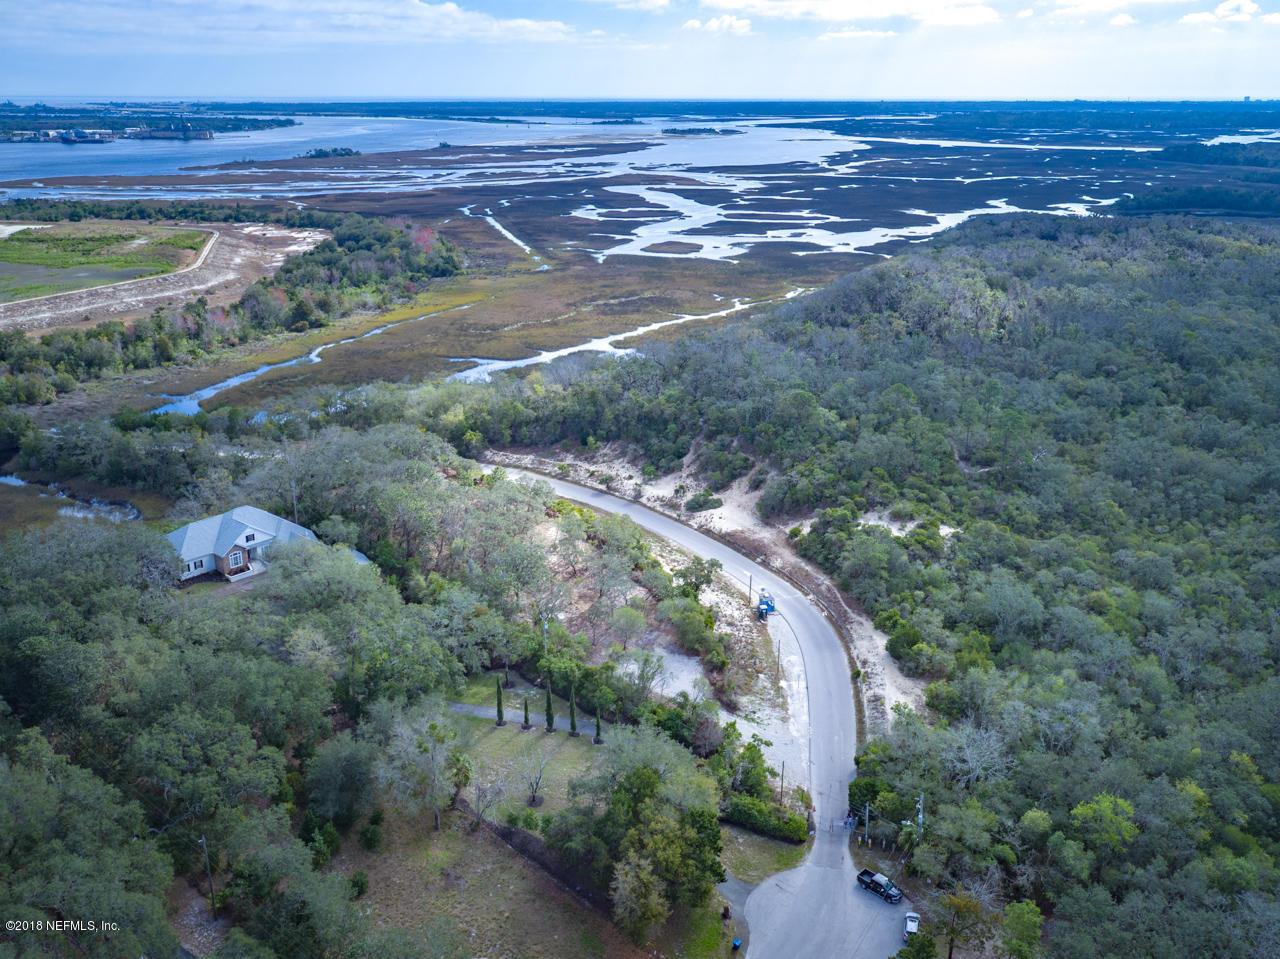 0 FORT CAROLINE, JACKSONVILLE, FLORIDA 32225, ,Vacant land,For sale,FORT CAROLINE,918499